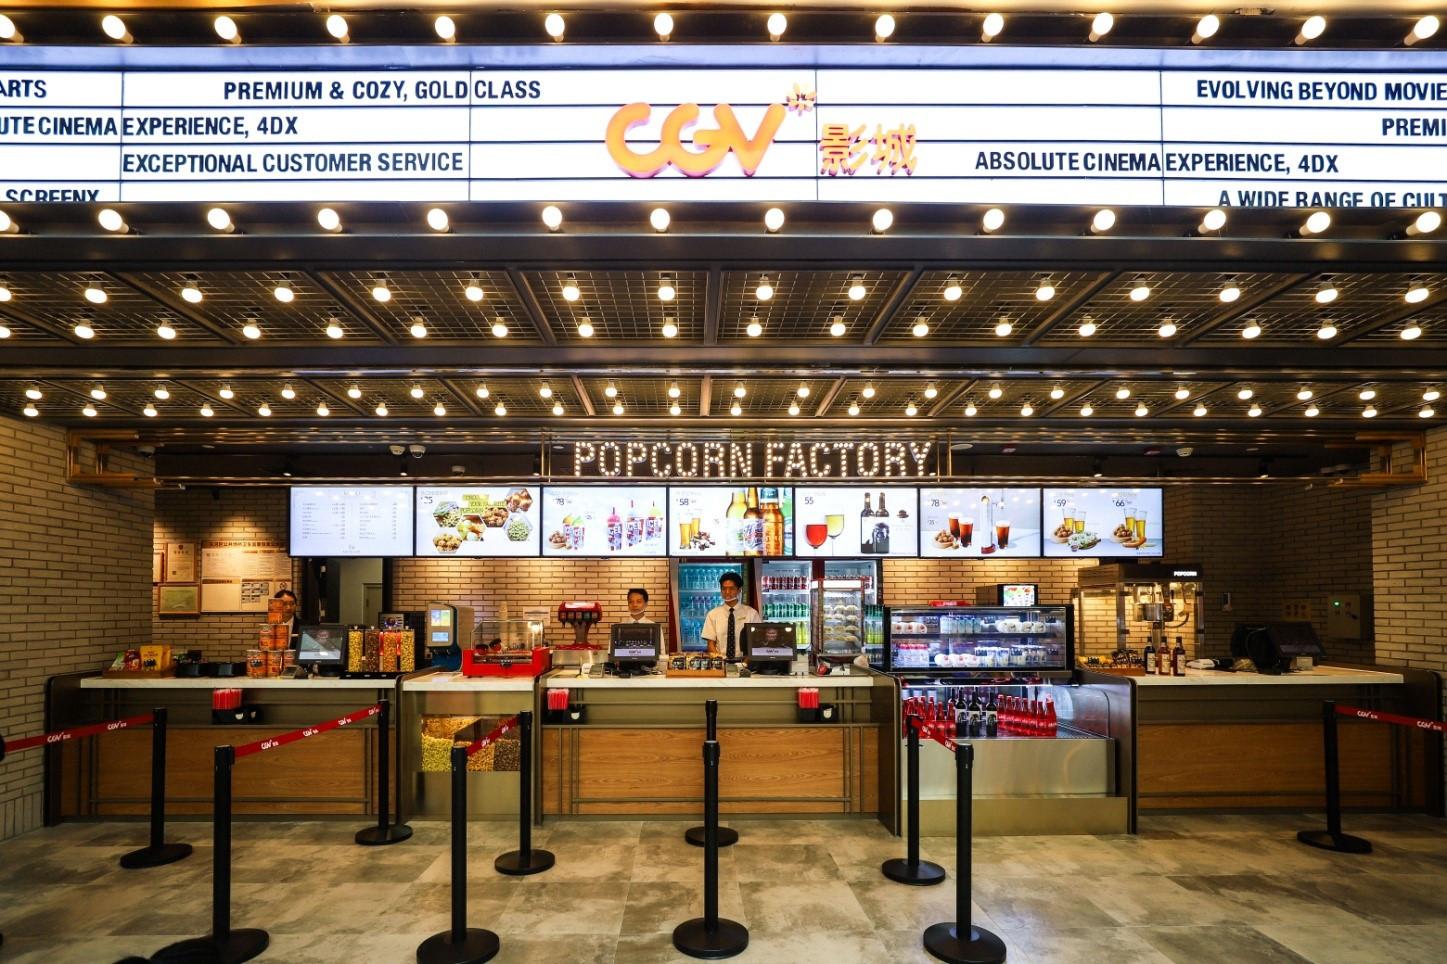 广州又添时尚观影新去处—4DX影厅成功入驻广州K11